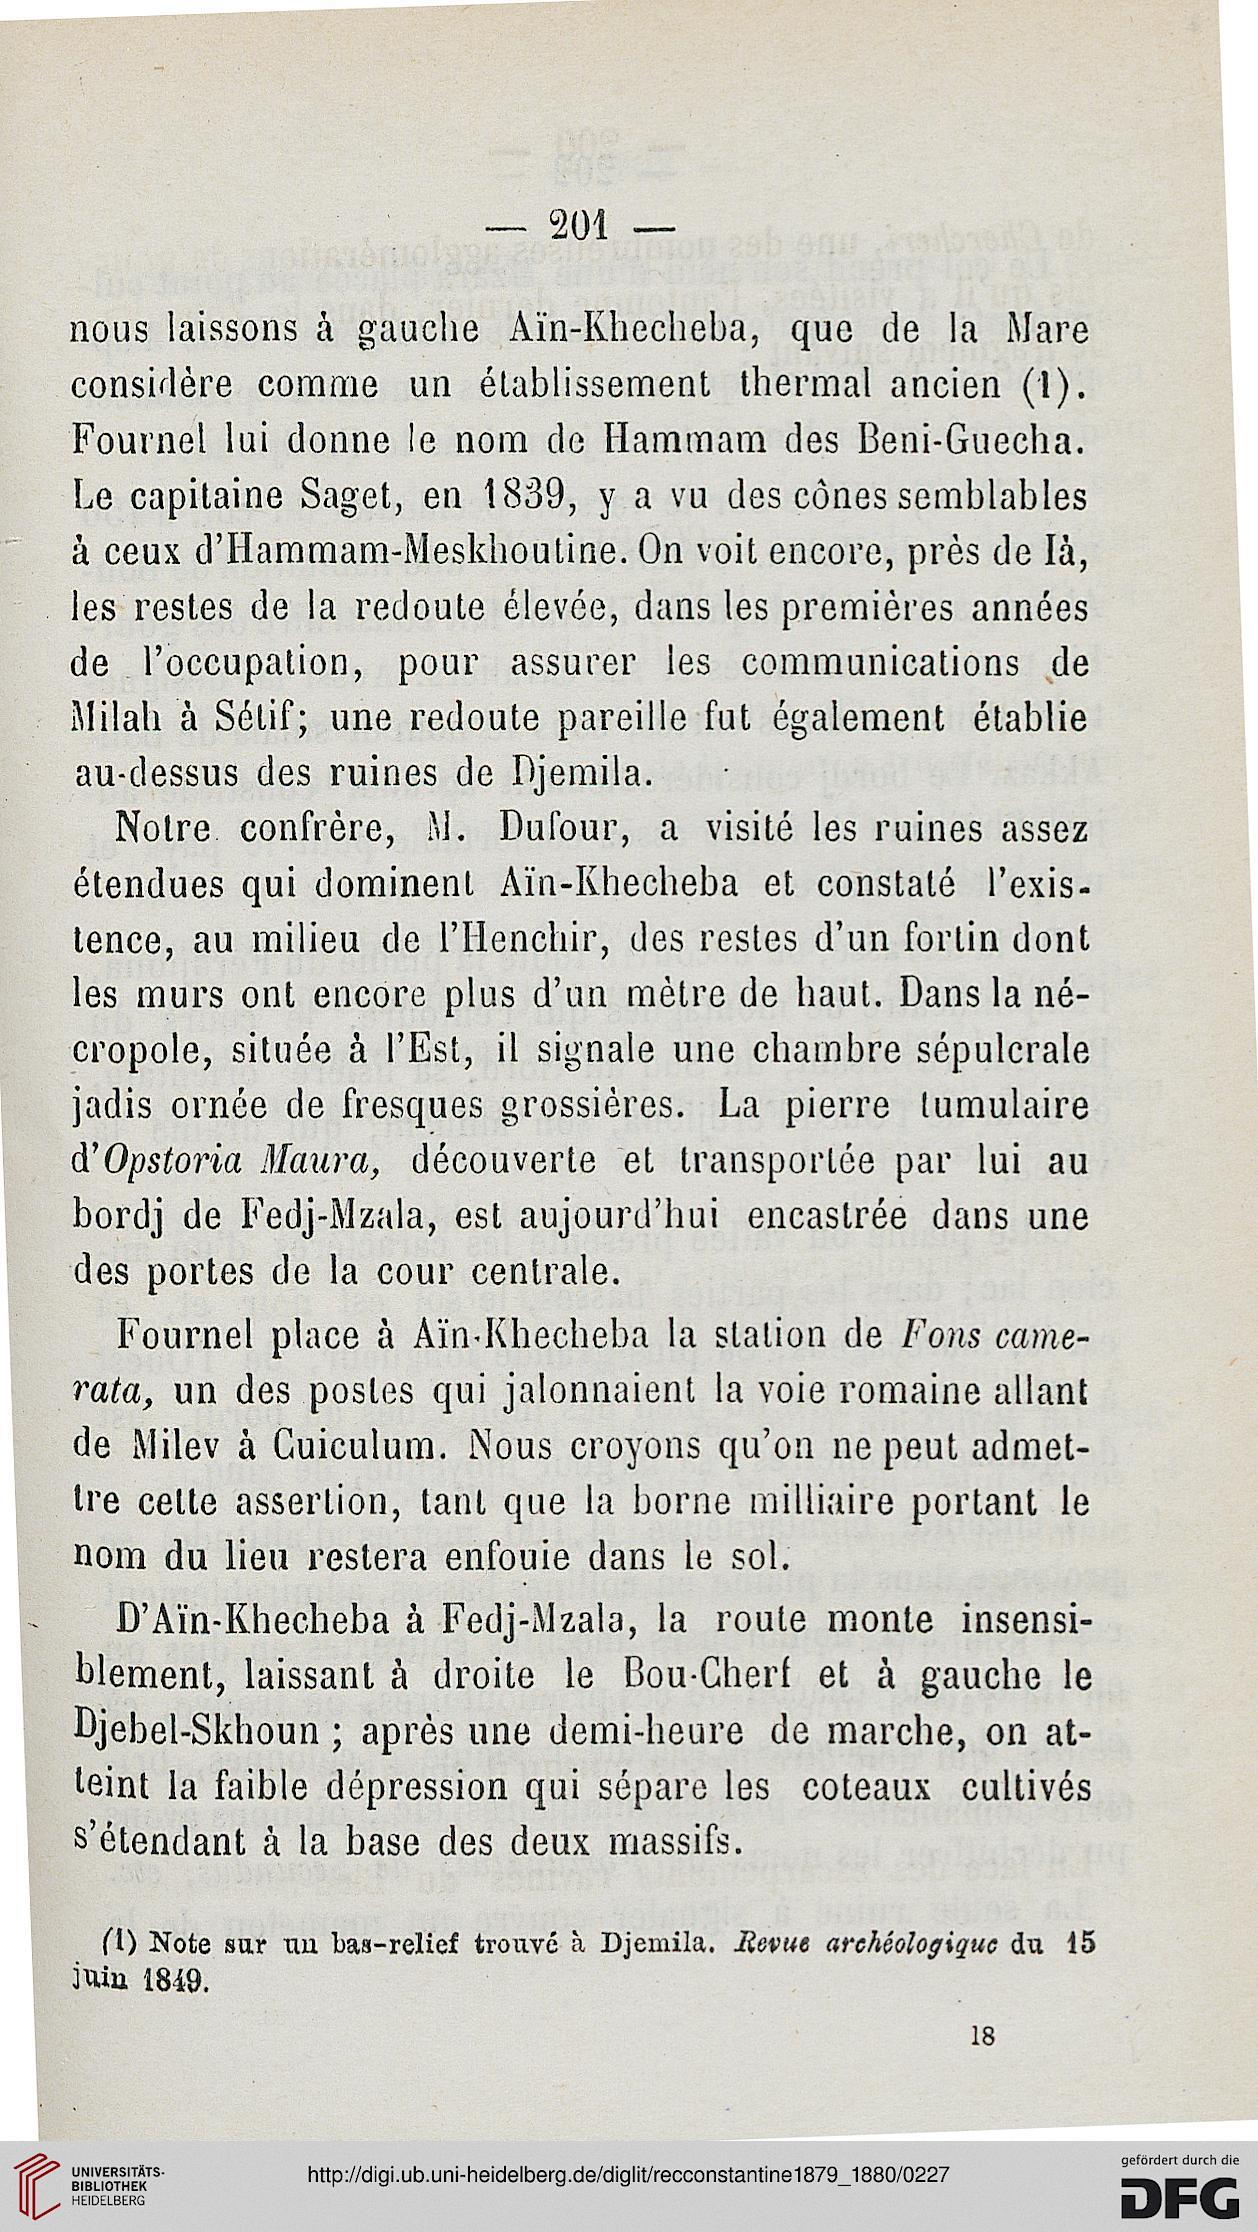 Recueil Des Notices Et Memoires De La Societe Archeologique